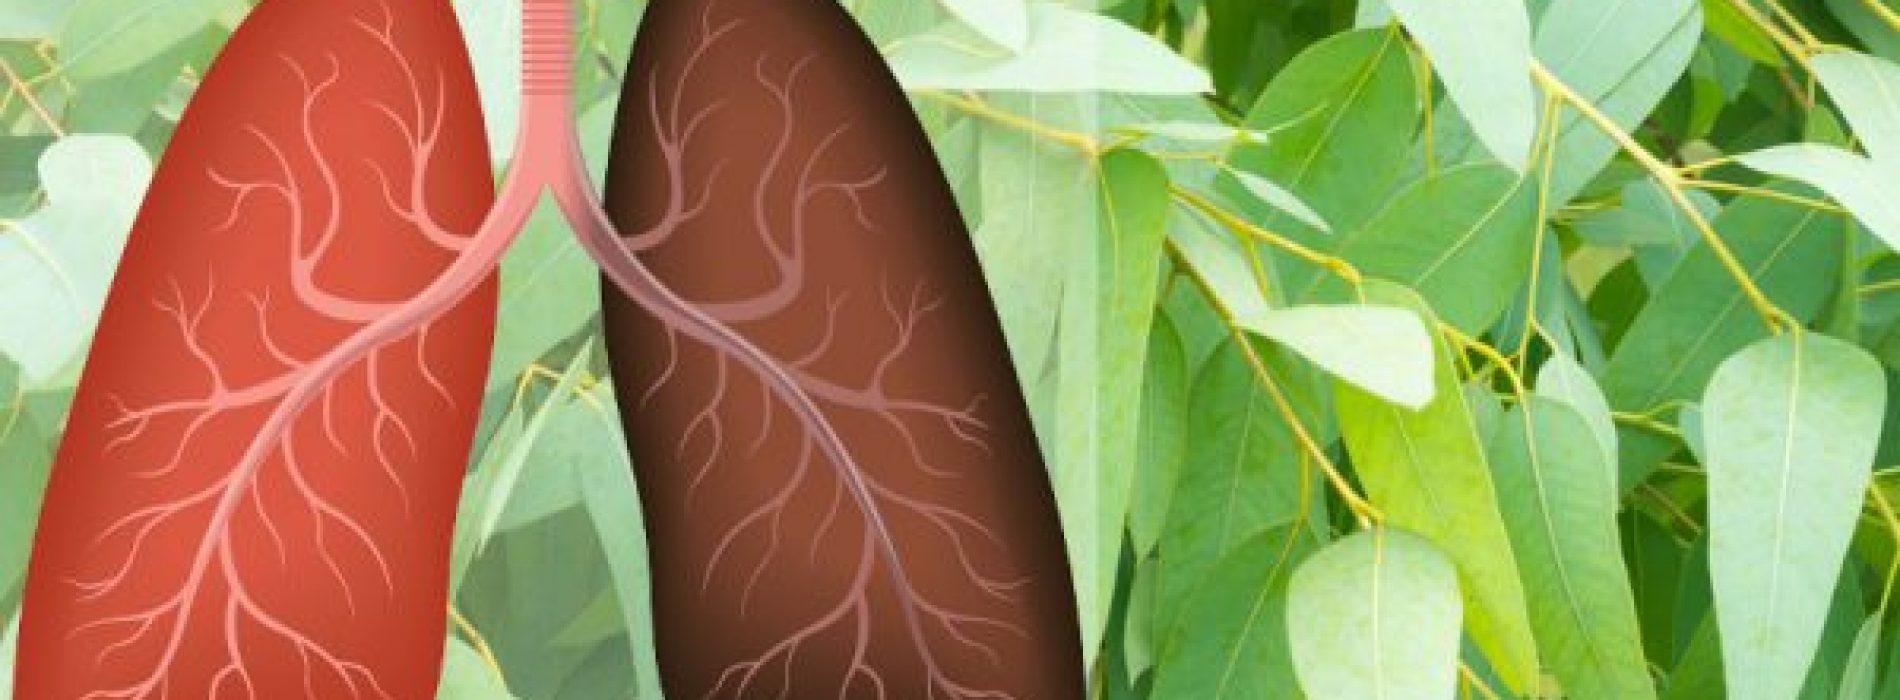 9 planten en kruiden die longschade herstellen, infecties bestrijden en de gezondheid van de longen bevorderen